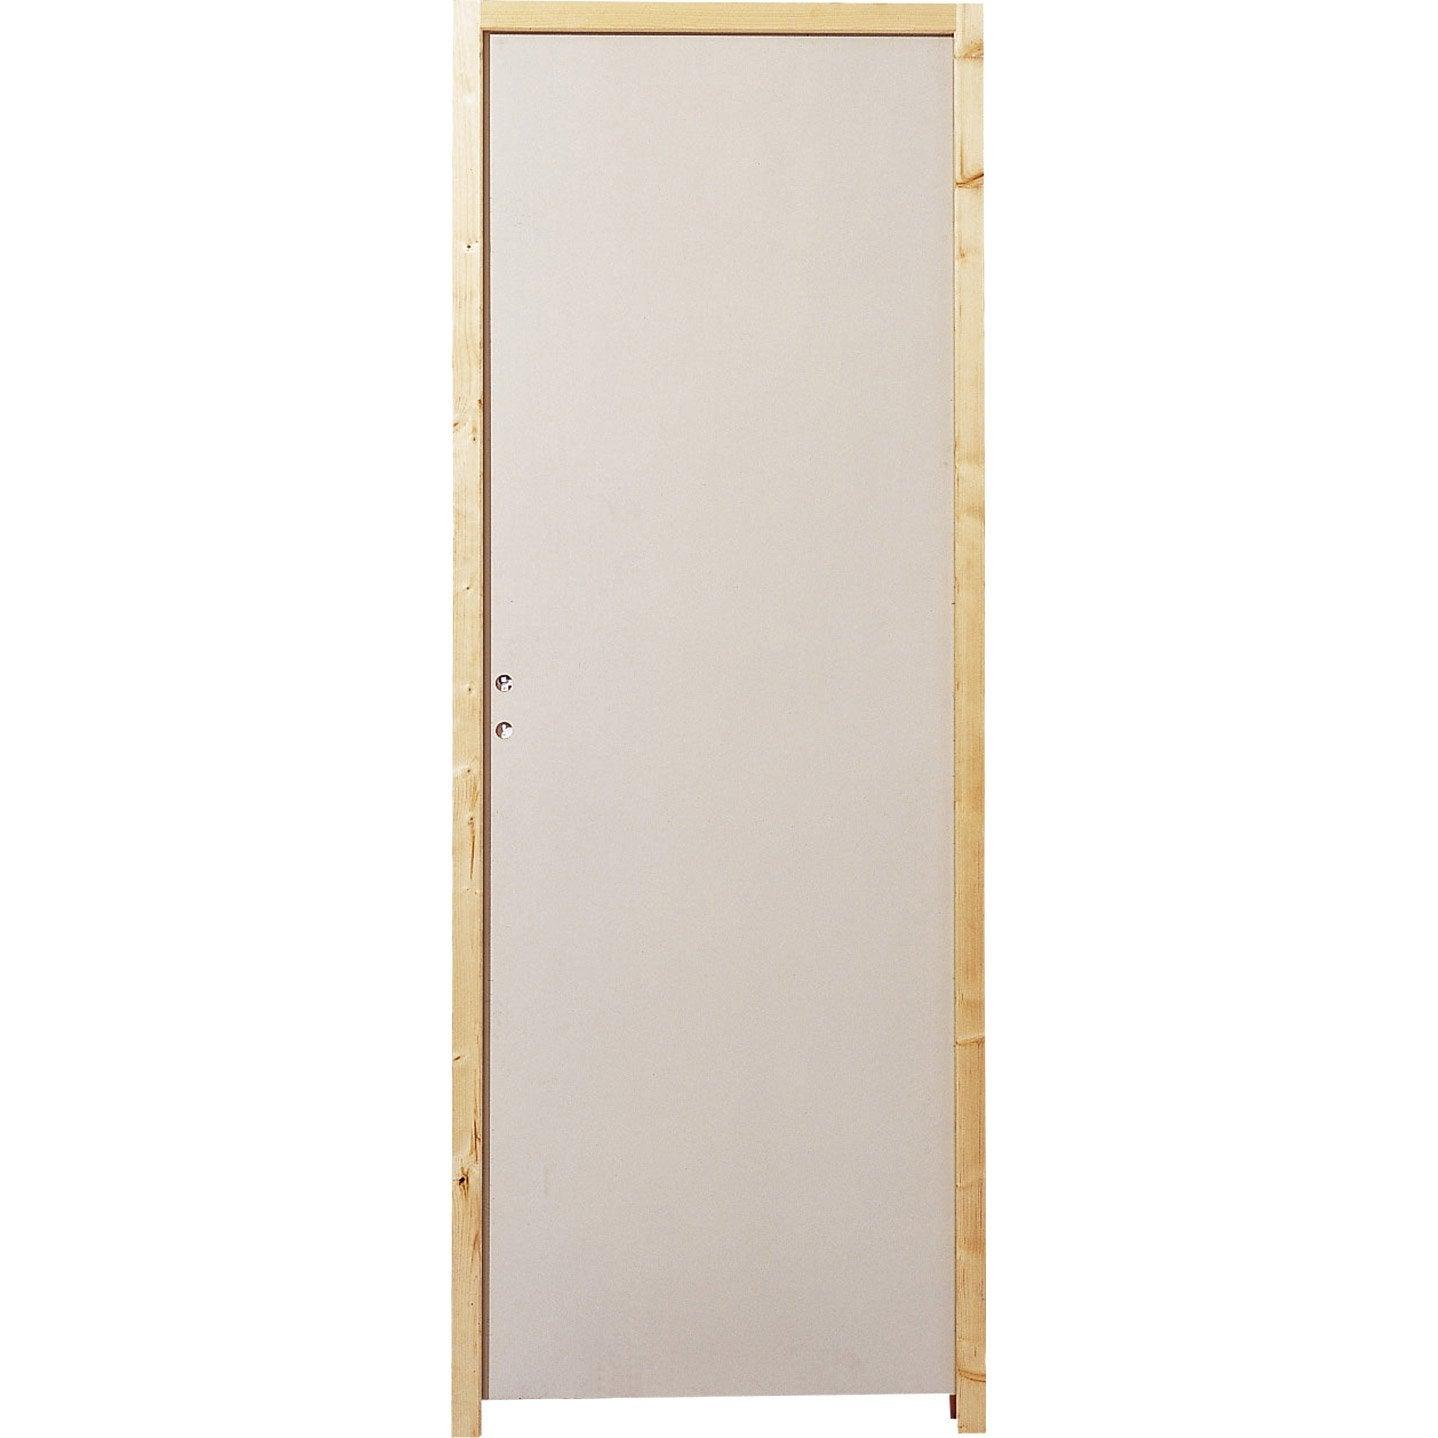 Decoration Porte Interieur Baguette bloc-porte isoplane huisserie 65 mm h.204 x l.73 cm, poussant droit